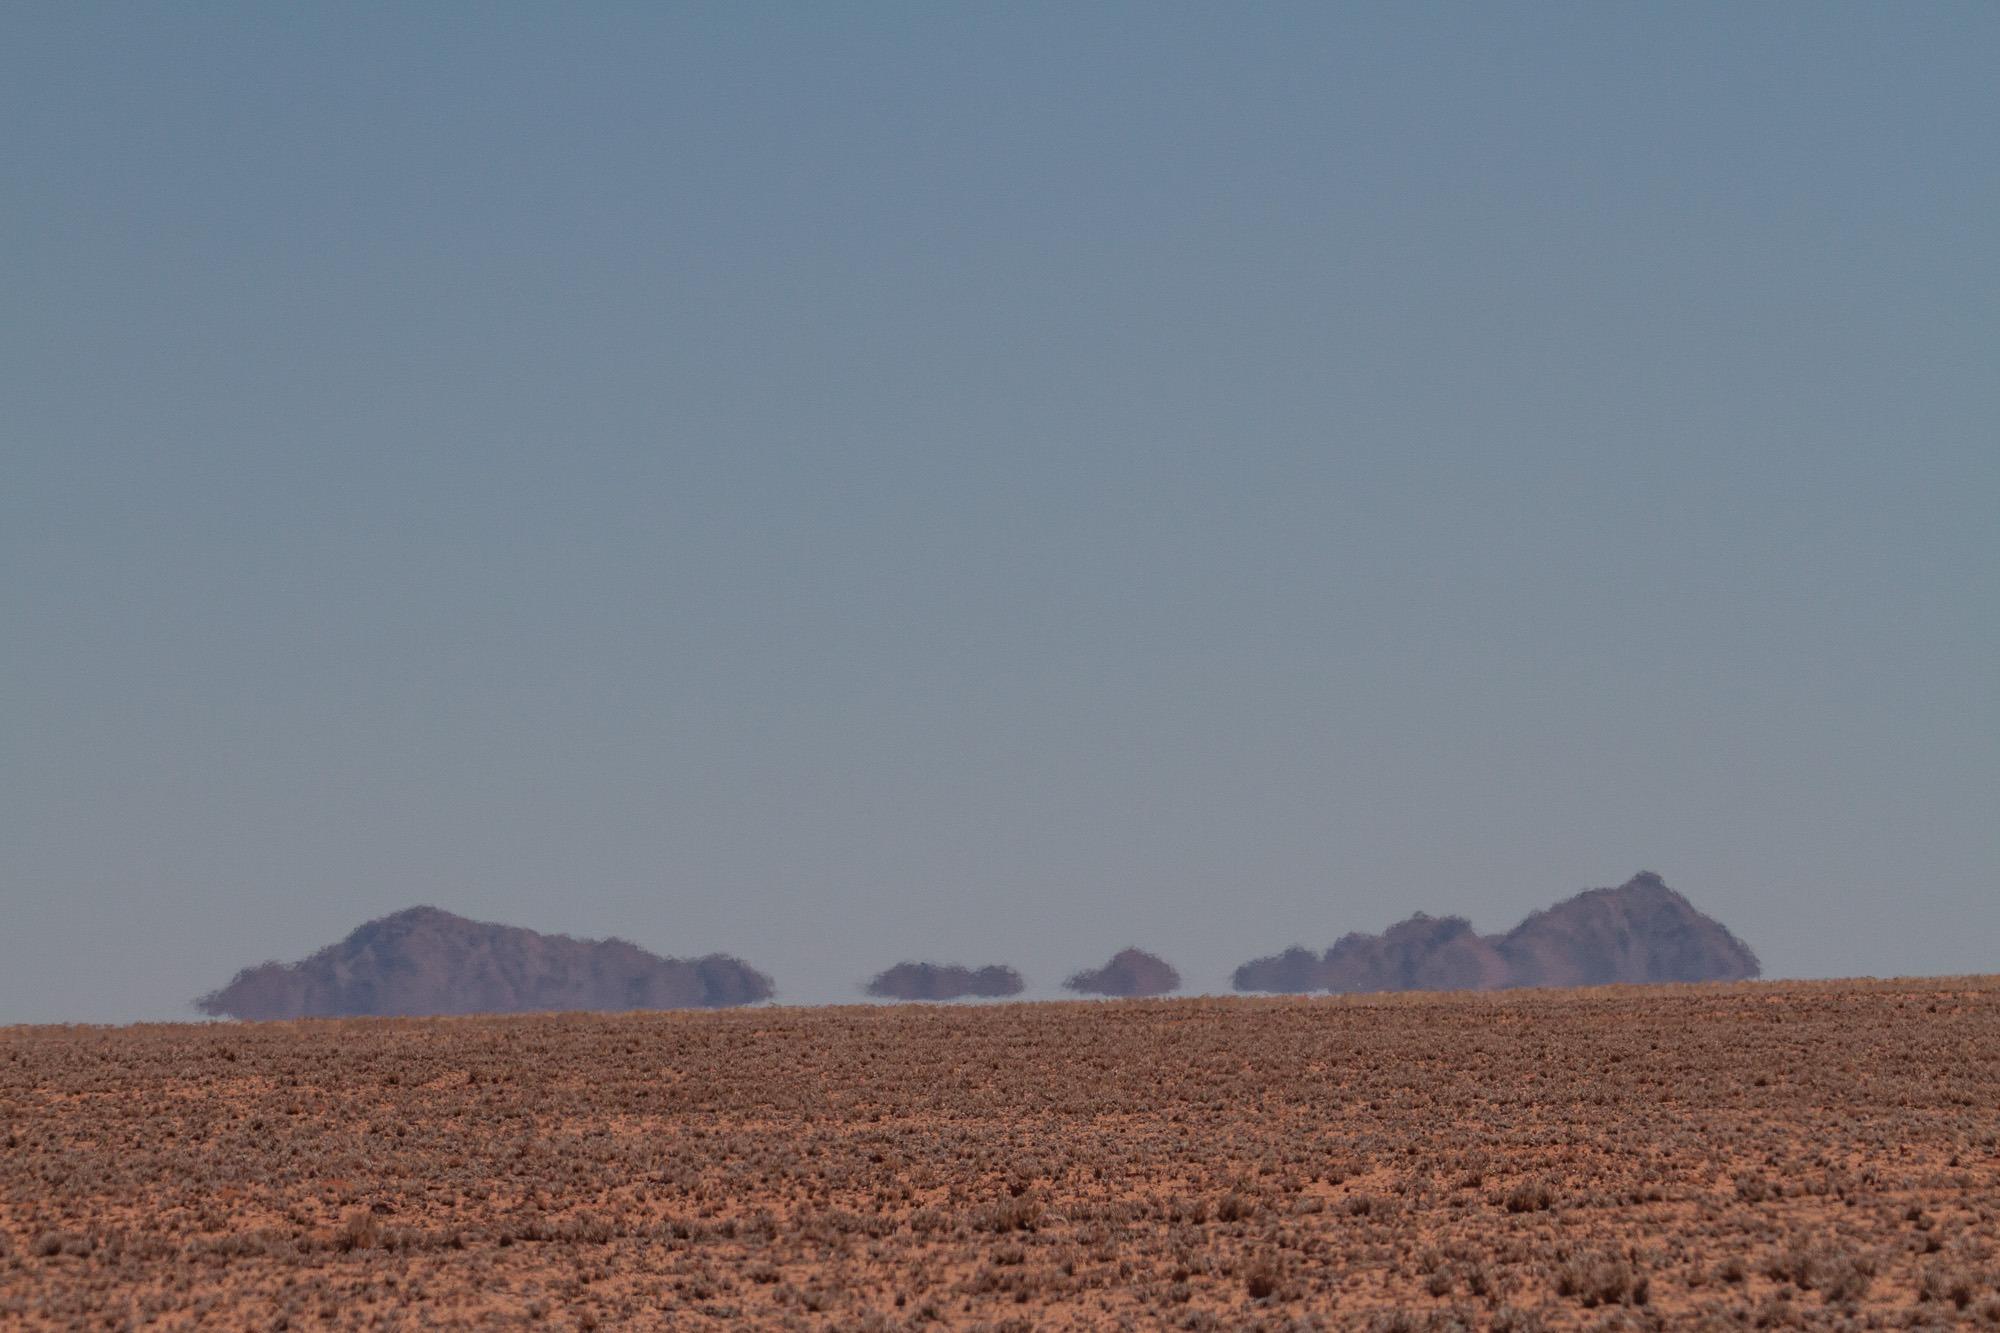 Hitzespiegelungen in der Namib Wüste Namibia